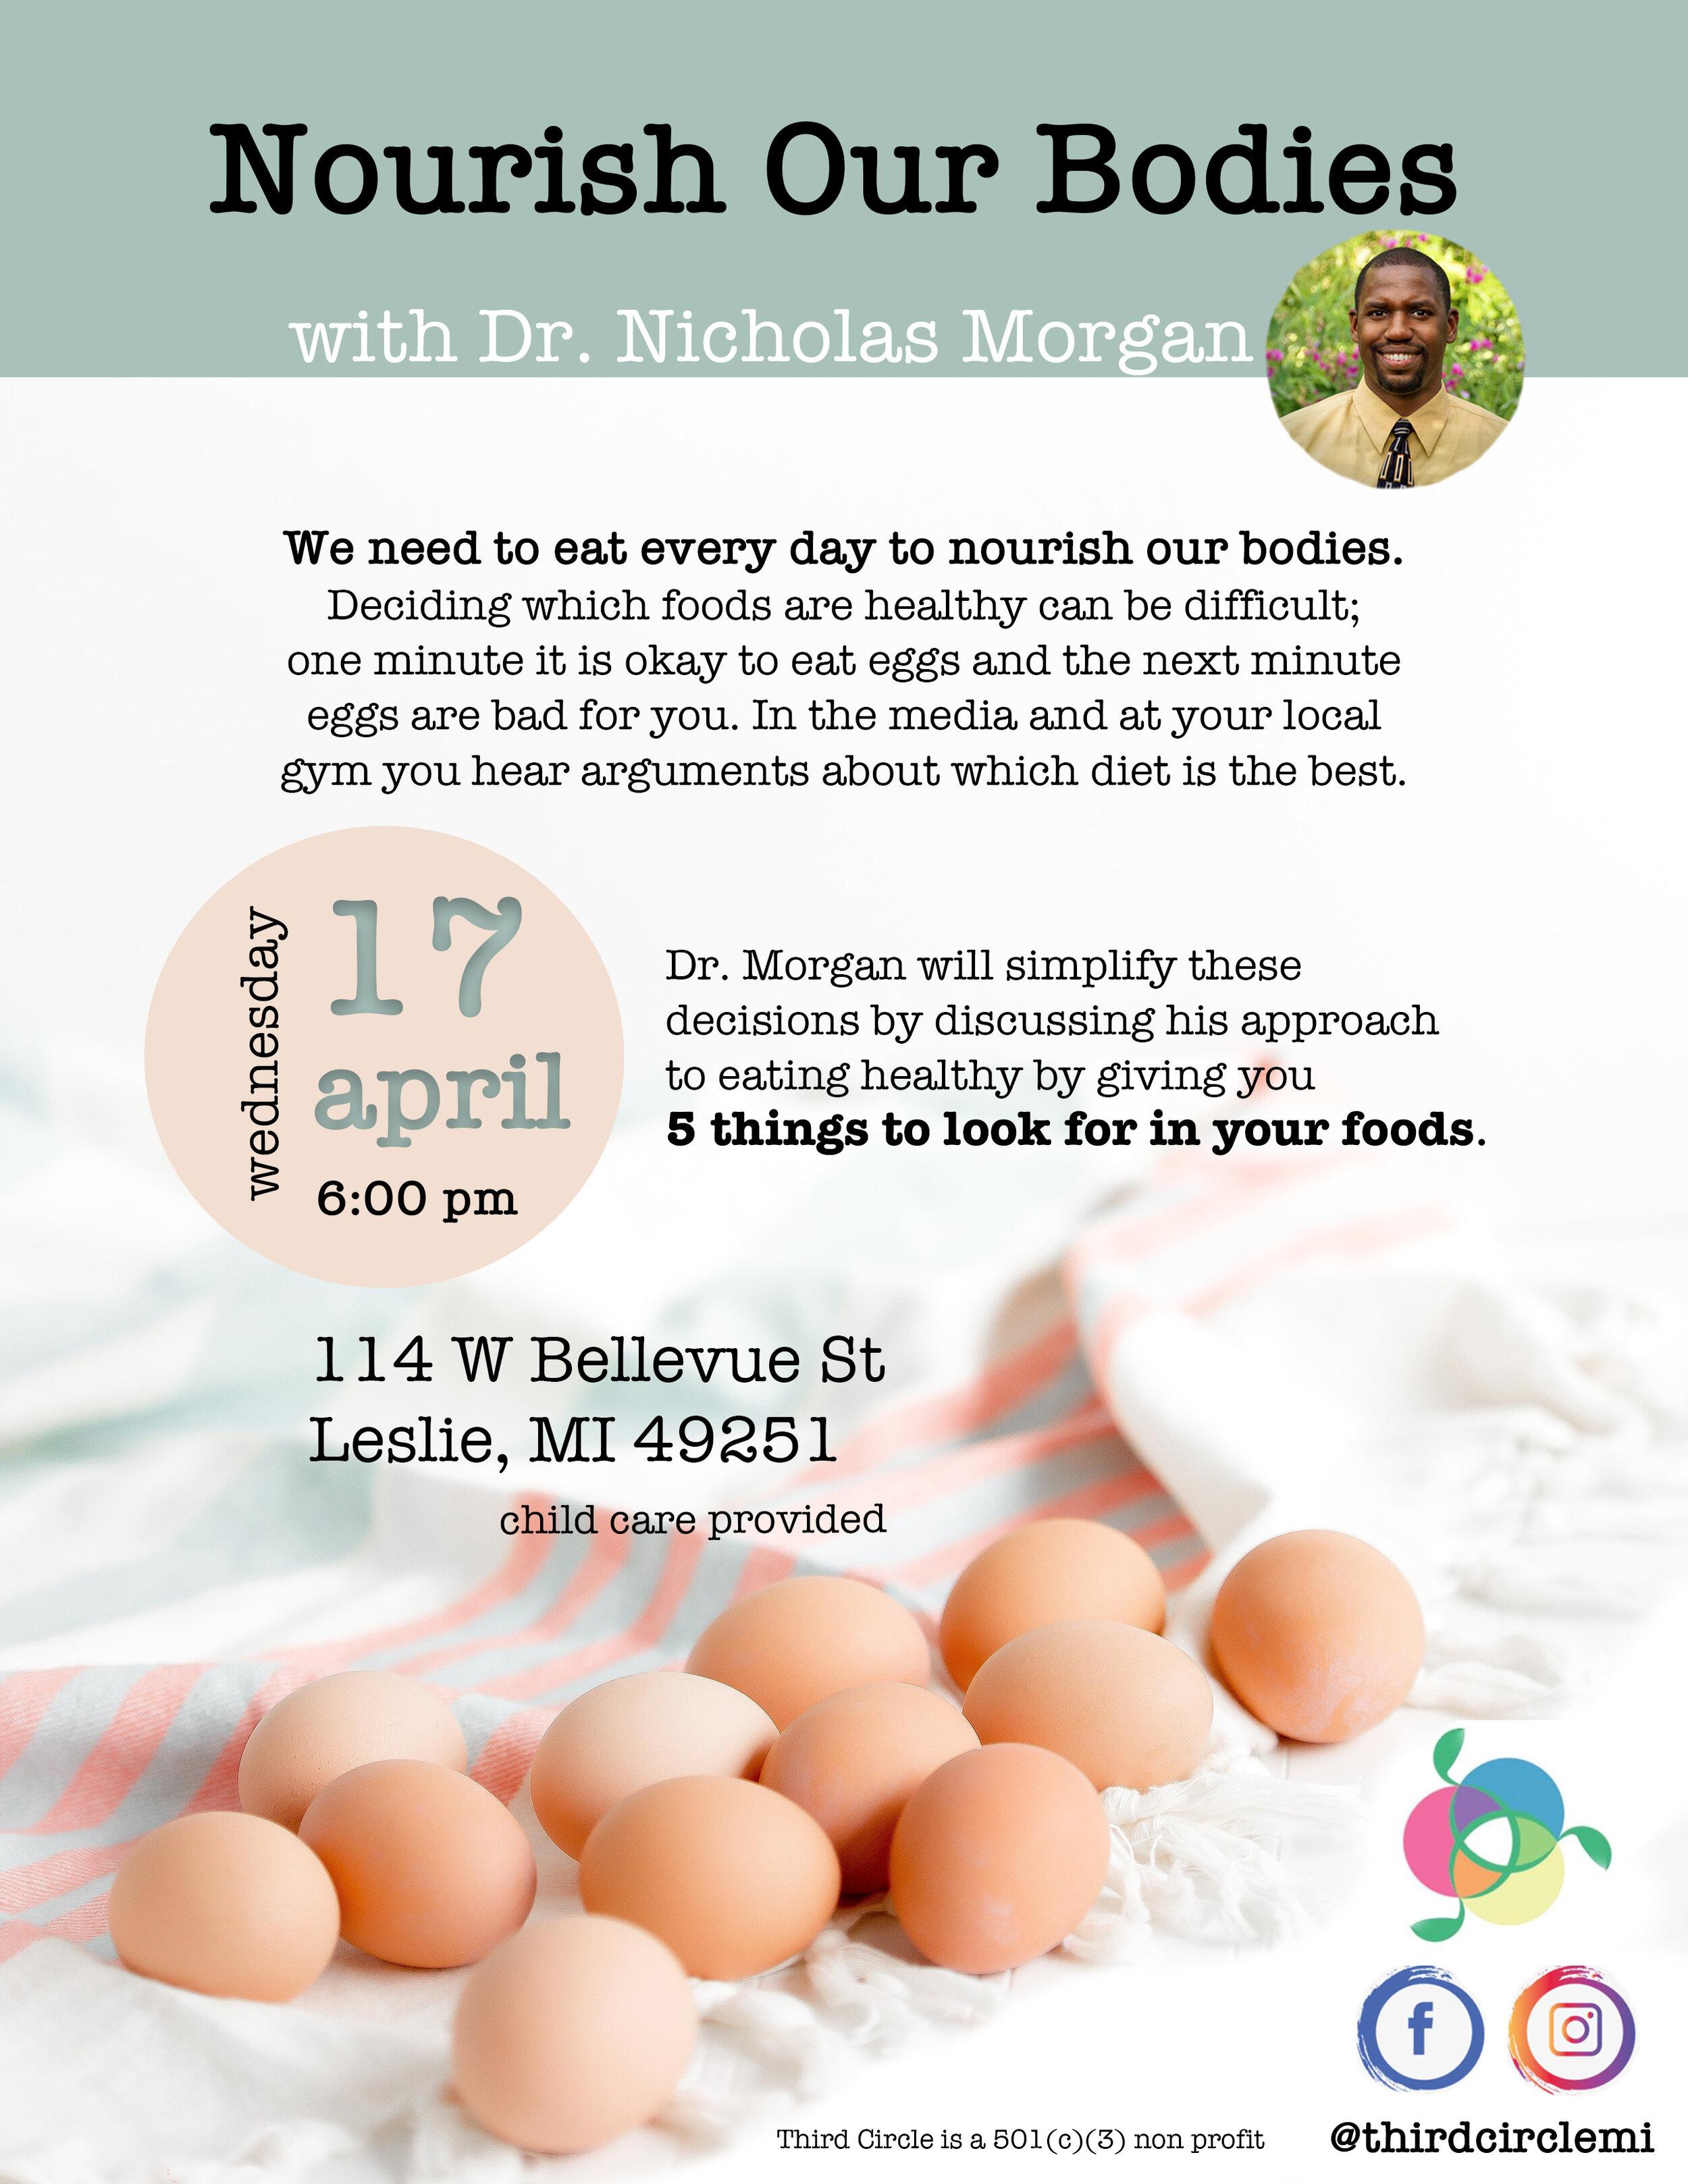 Nourish Our Bodies April 17.jpg